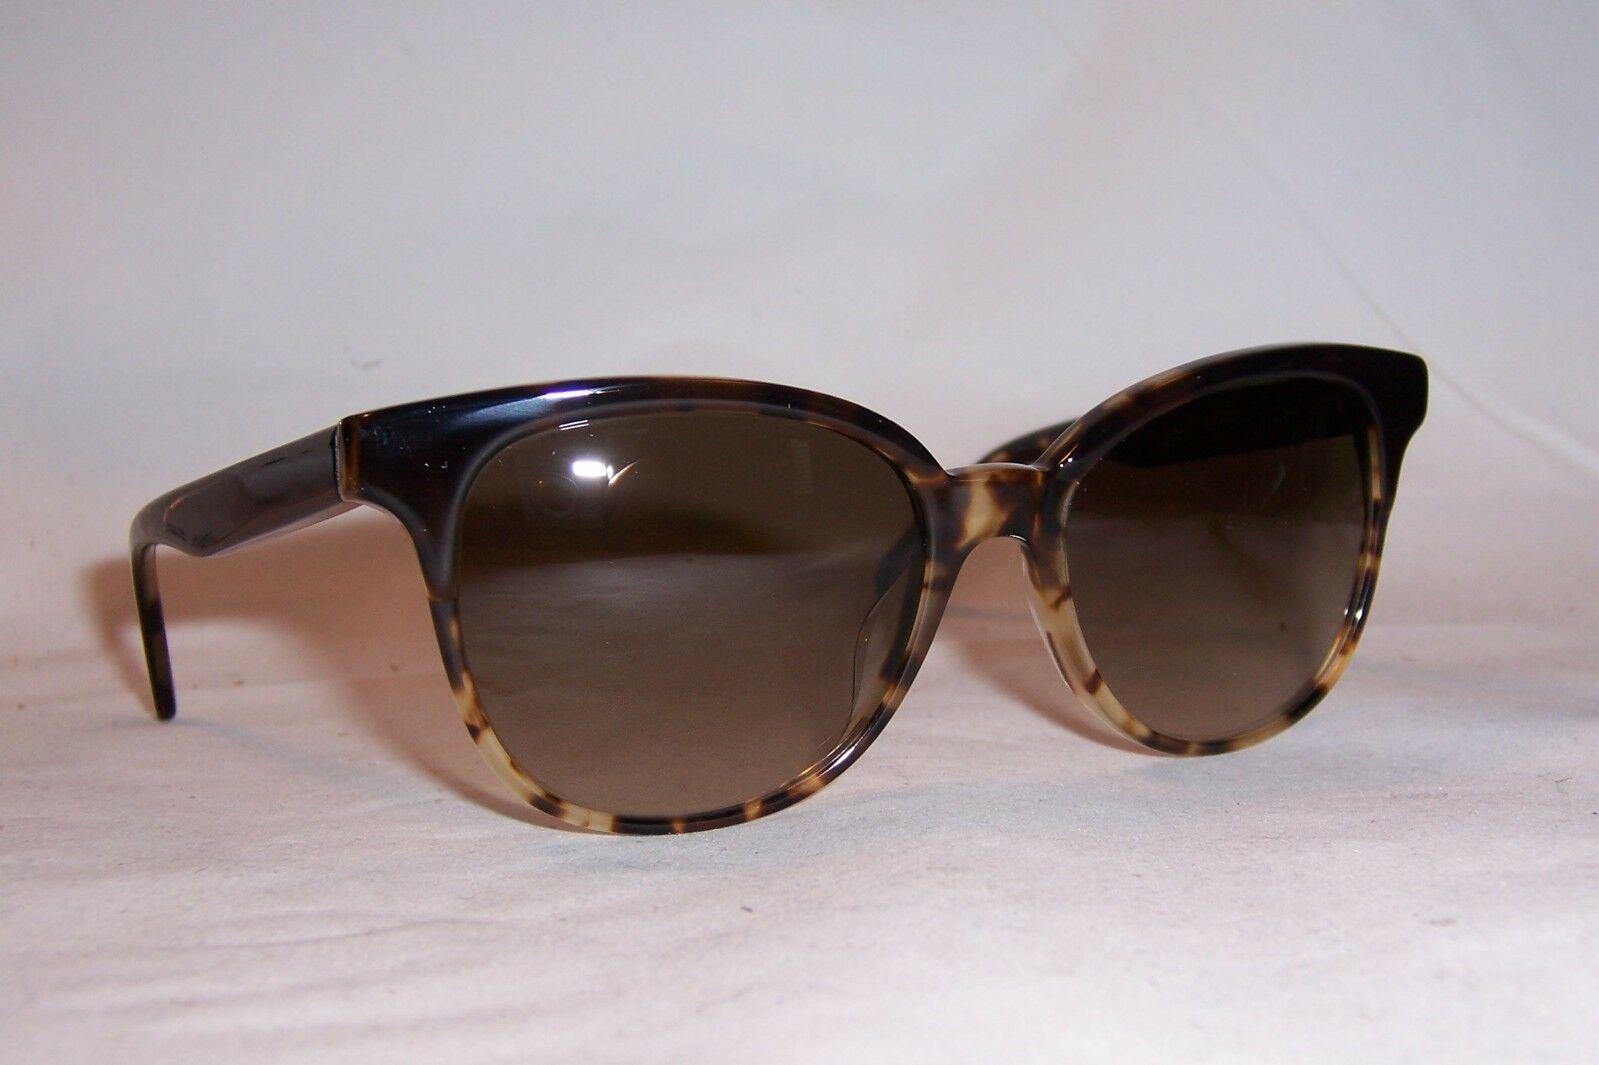 Kate Spade棕色玳瑁色太阳眼镜墨镜ARLYNN/S WR9-HA